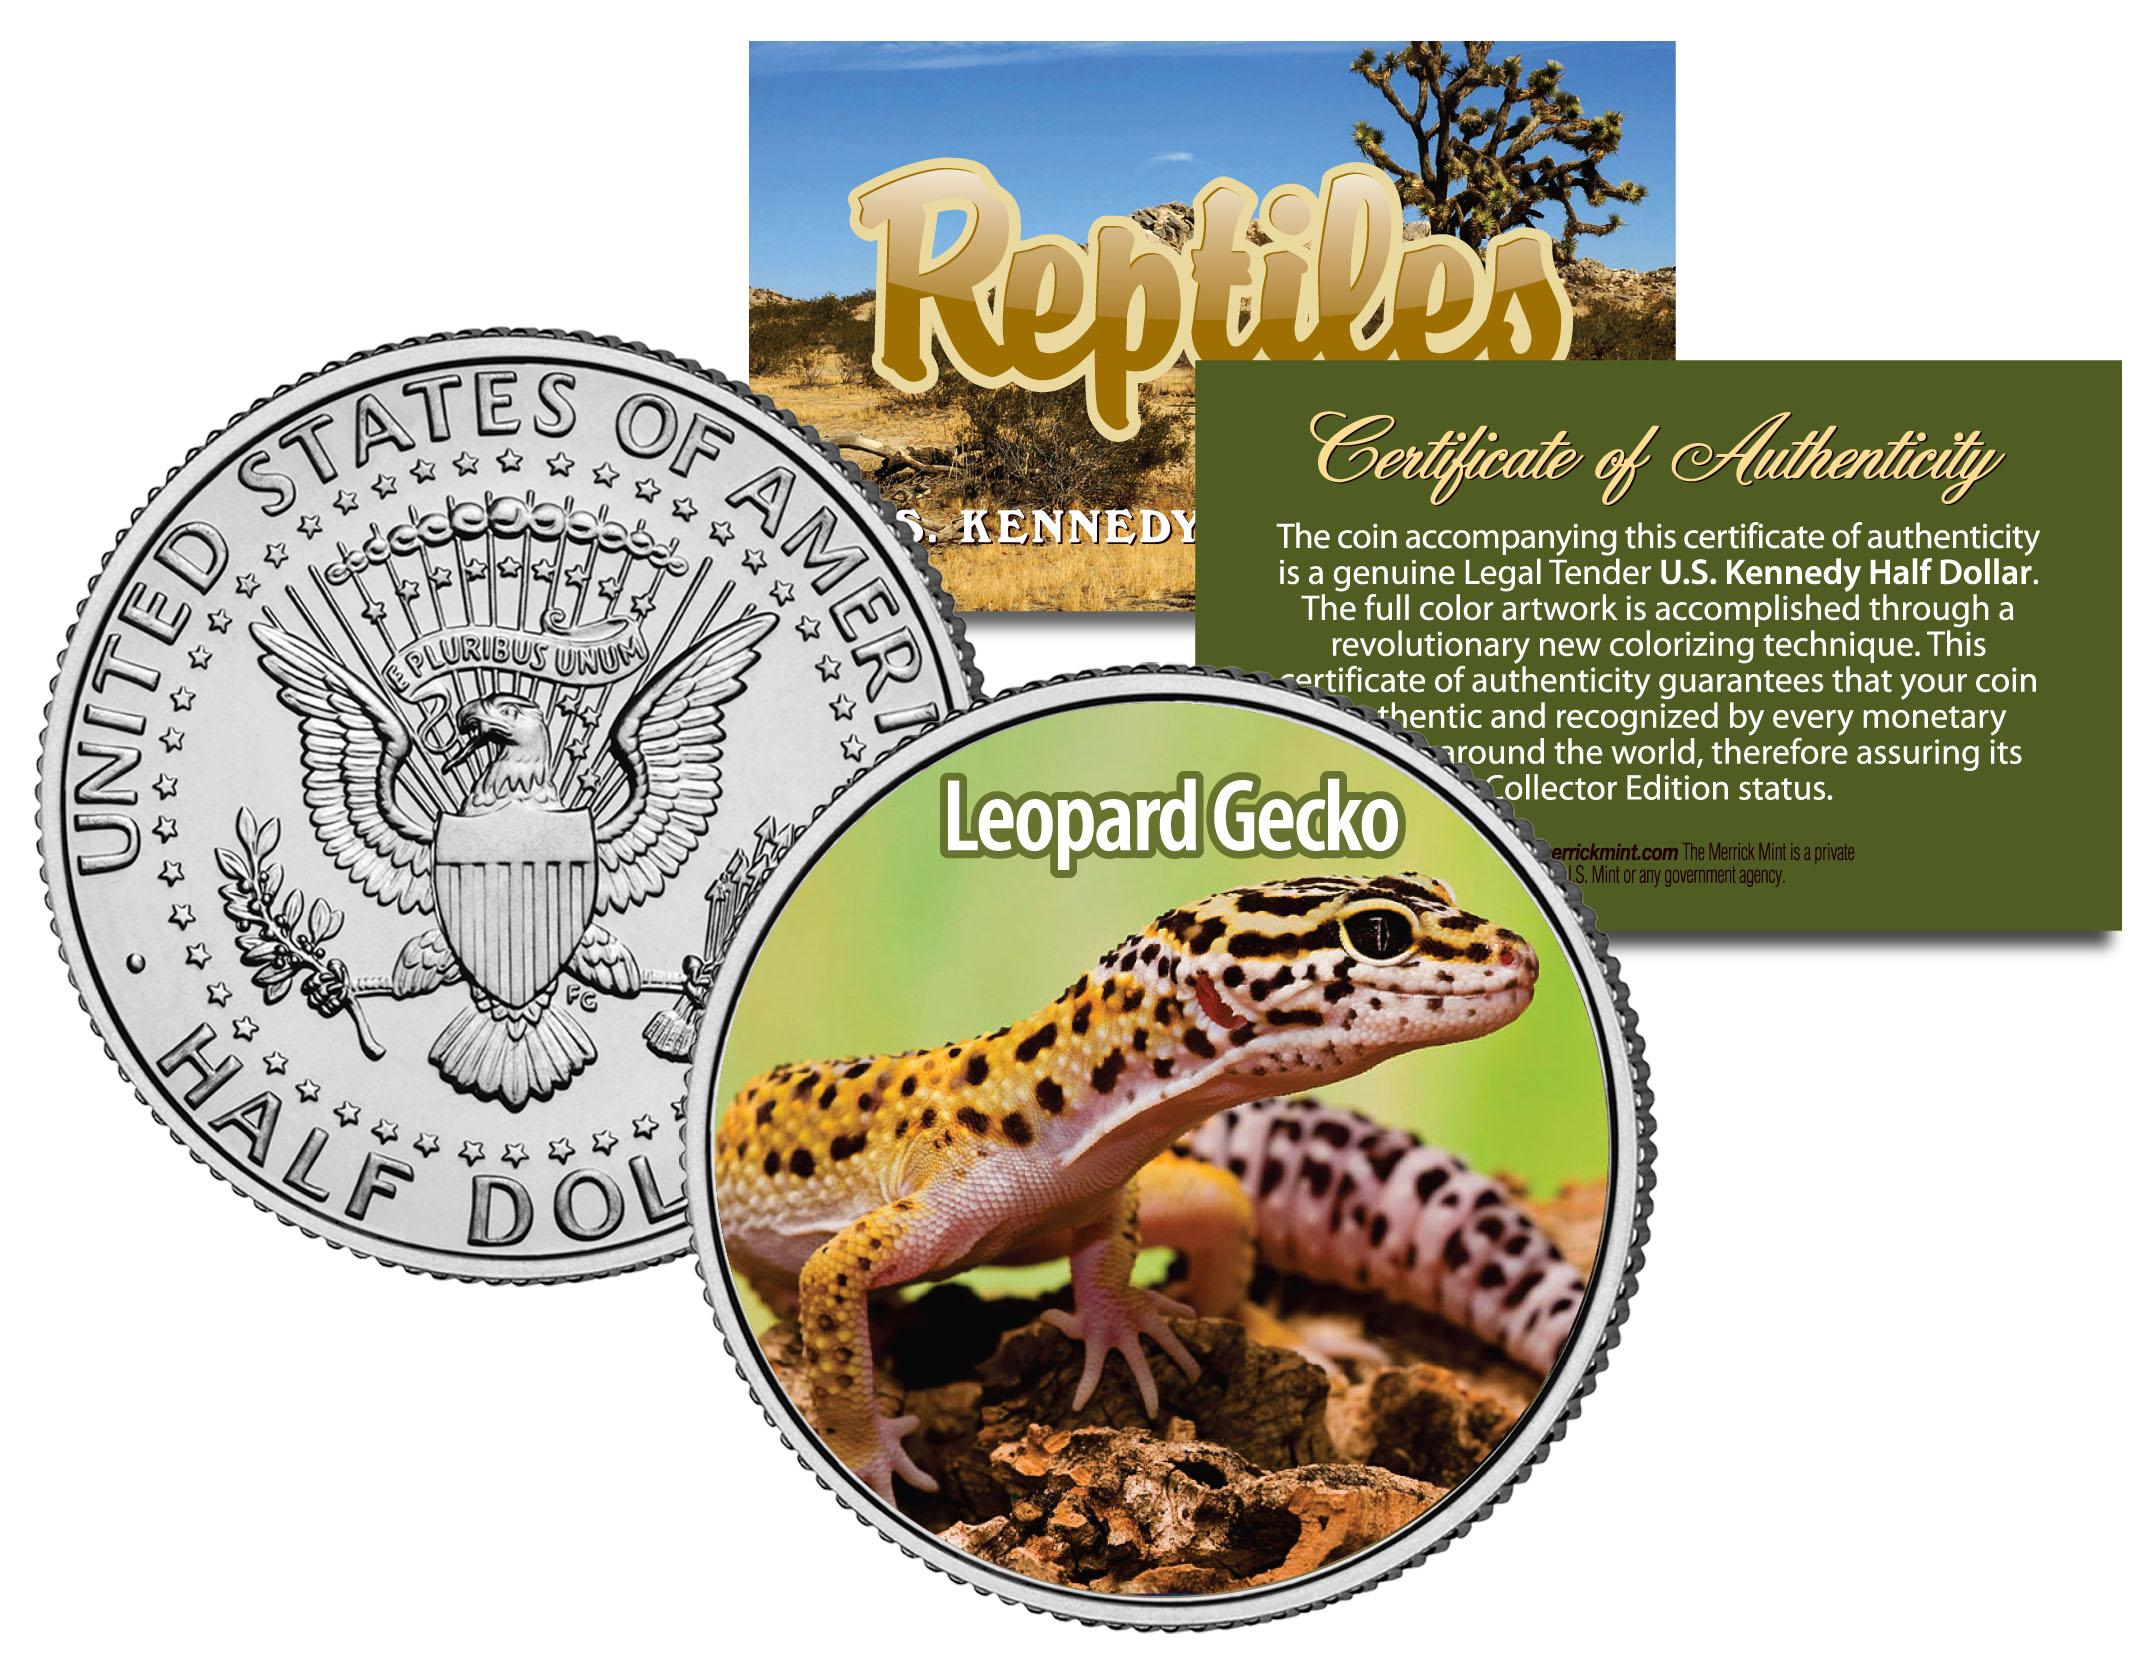 Neo Coin Gecko Philippines Bitcoin Shop Stock